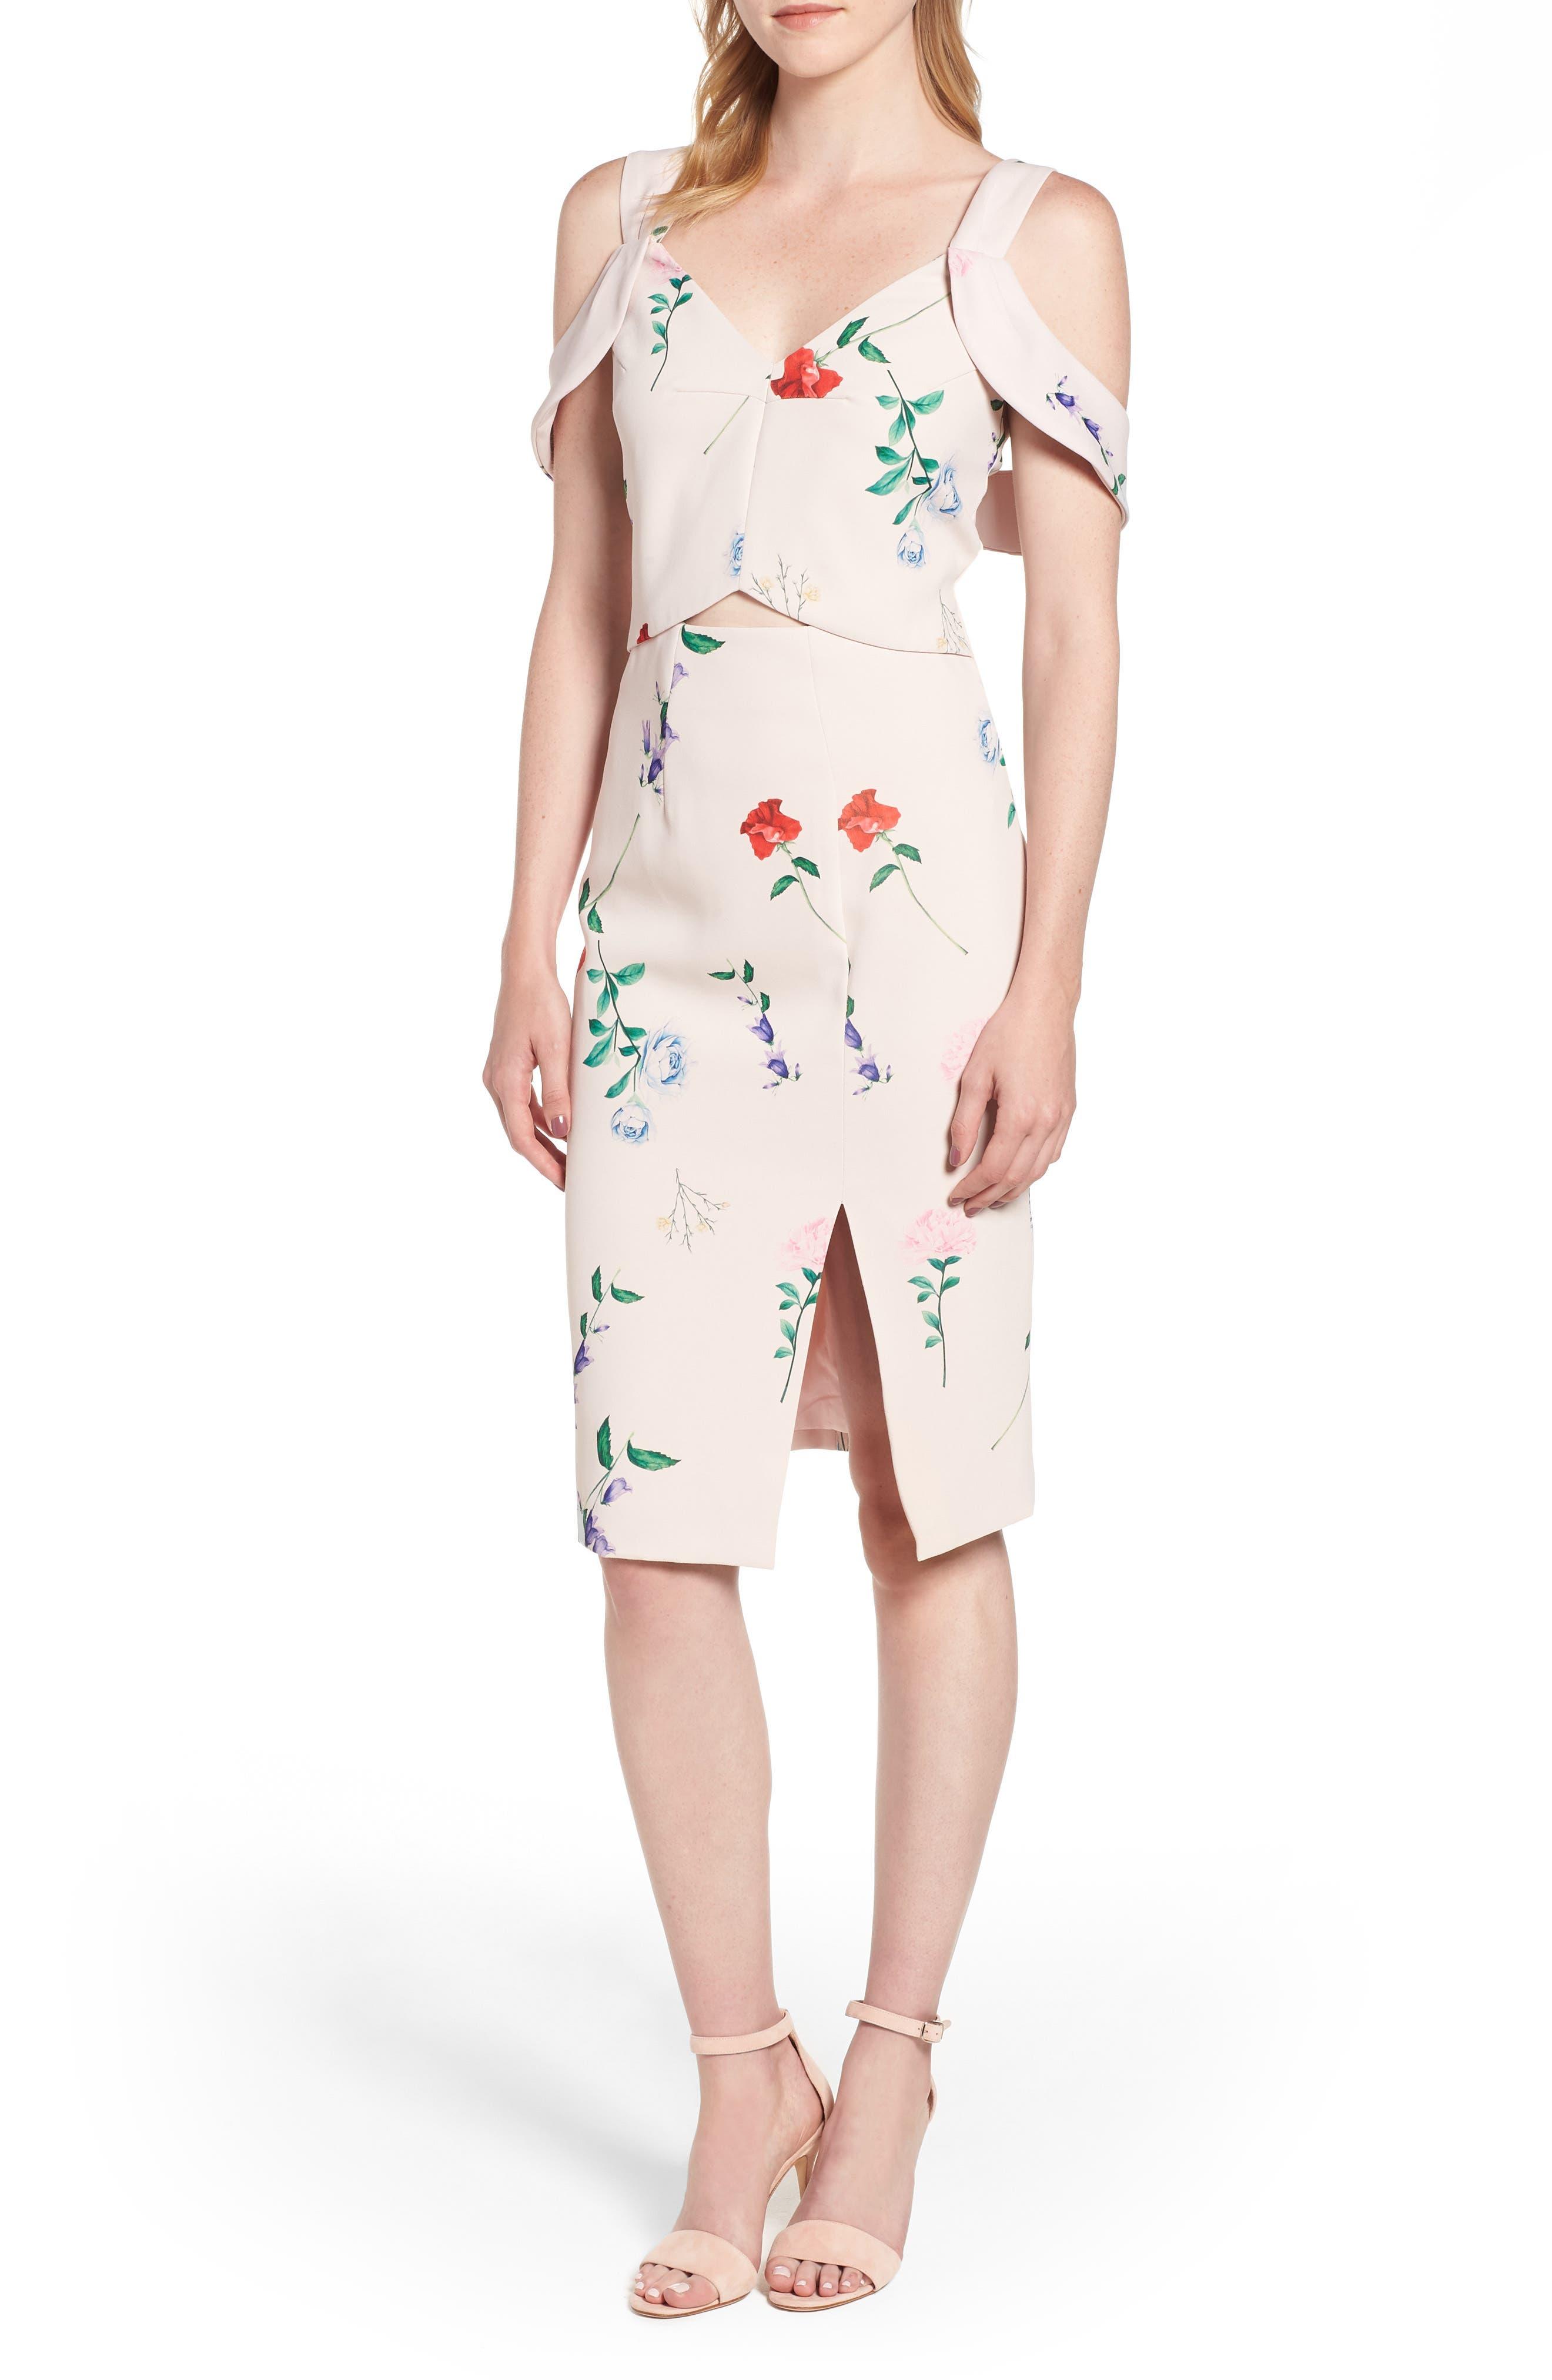 Archibald Cold Shoulder Cutout Detail Dress,                             Main thumbnail 1, color,                             650